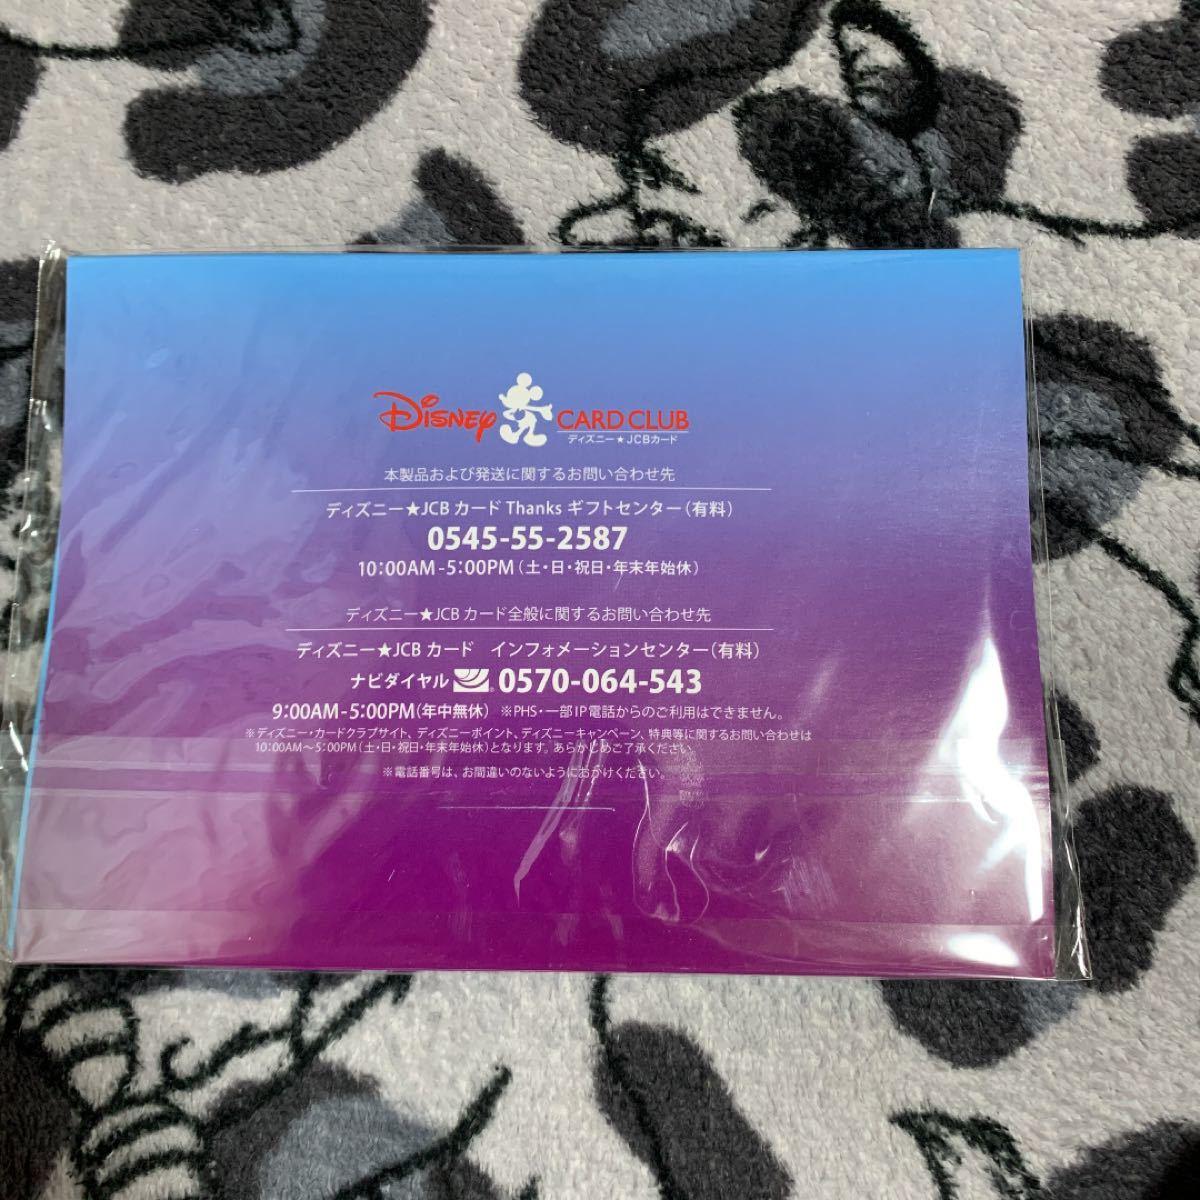 ディズニー JCB ピンバッジ ミッキー 東京ディズニーリゾート ハピエストセレブレーション ディズニーシー  非売品バッチ